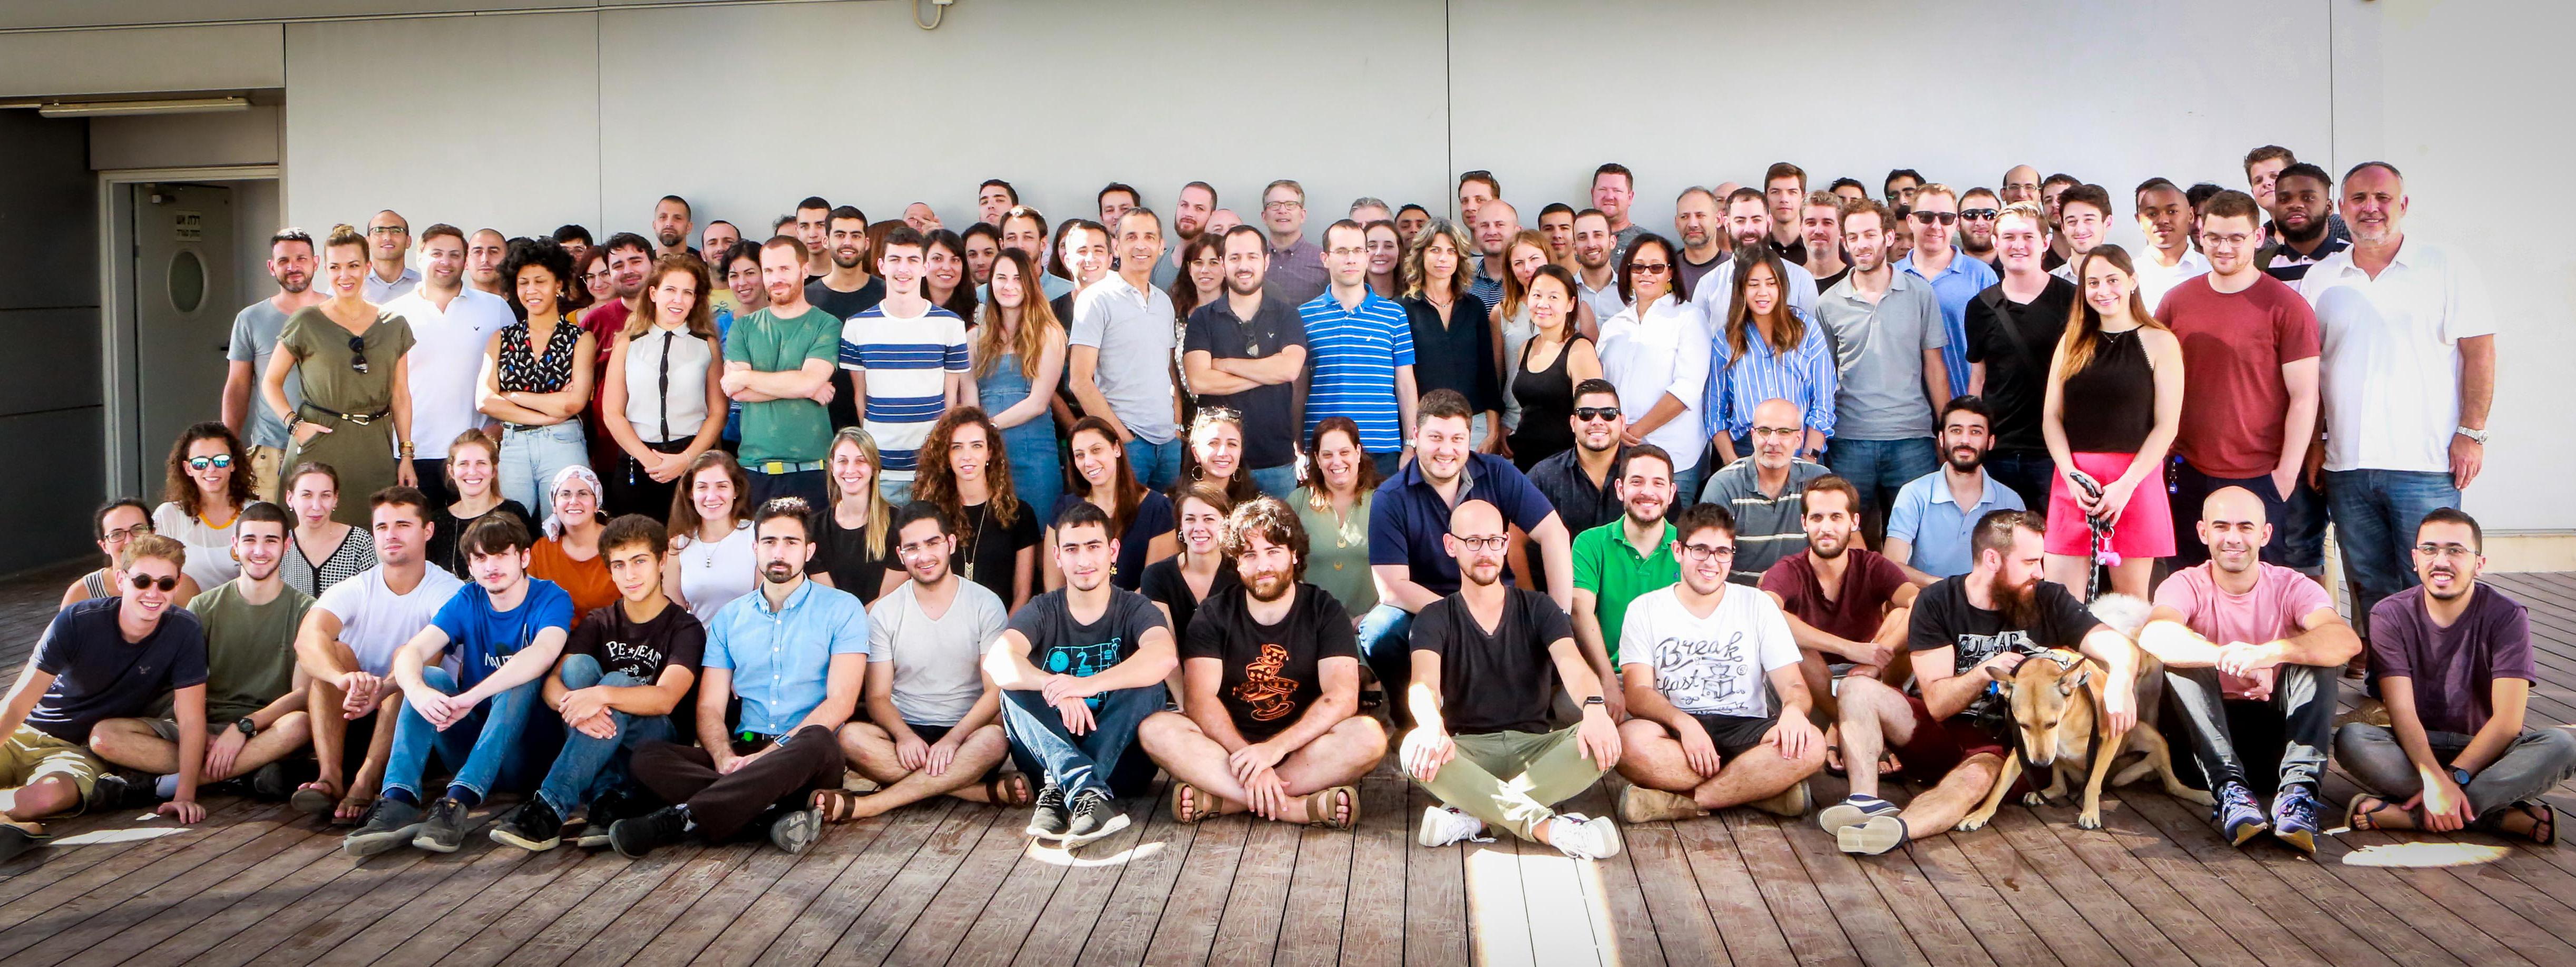 Forter Team 2018